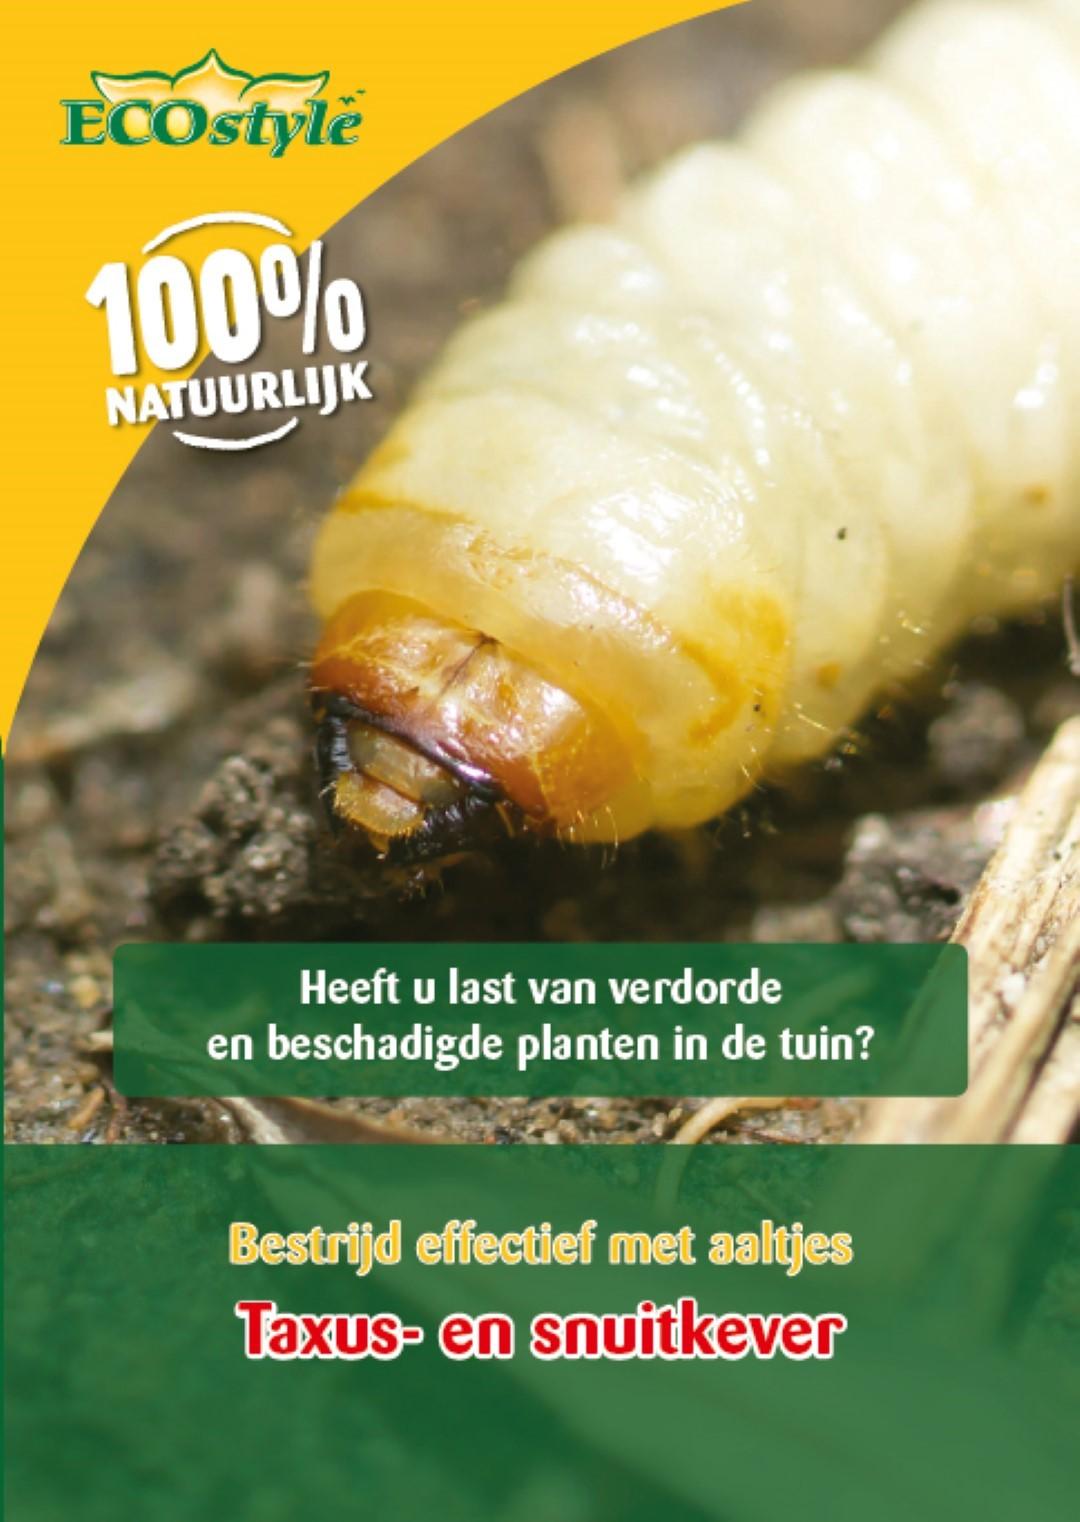 Aaltjes L tegen larven taxus- en snuitkever 6 miljoen/12 m2